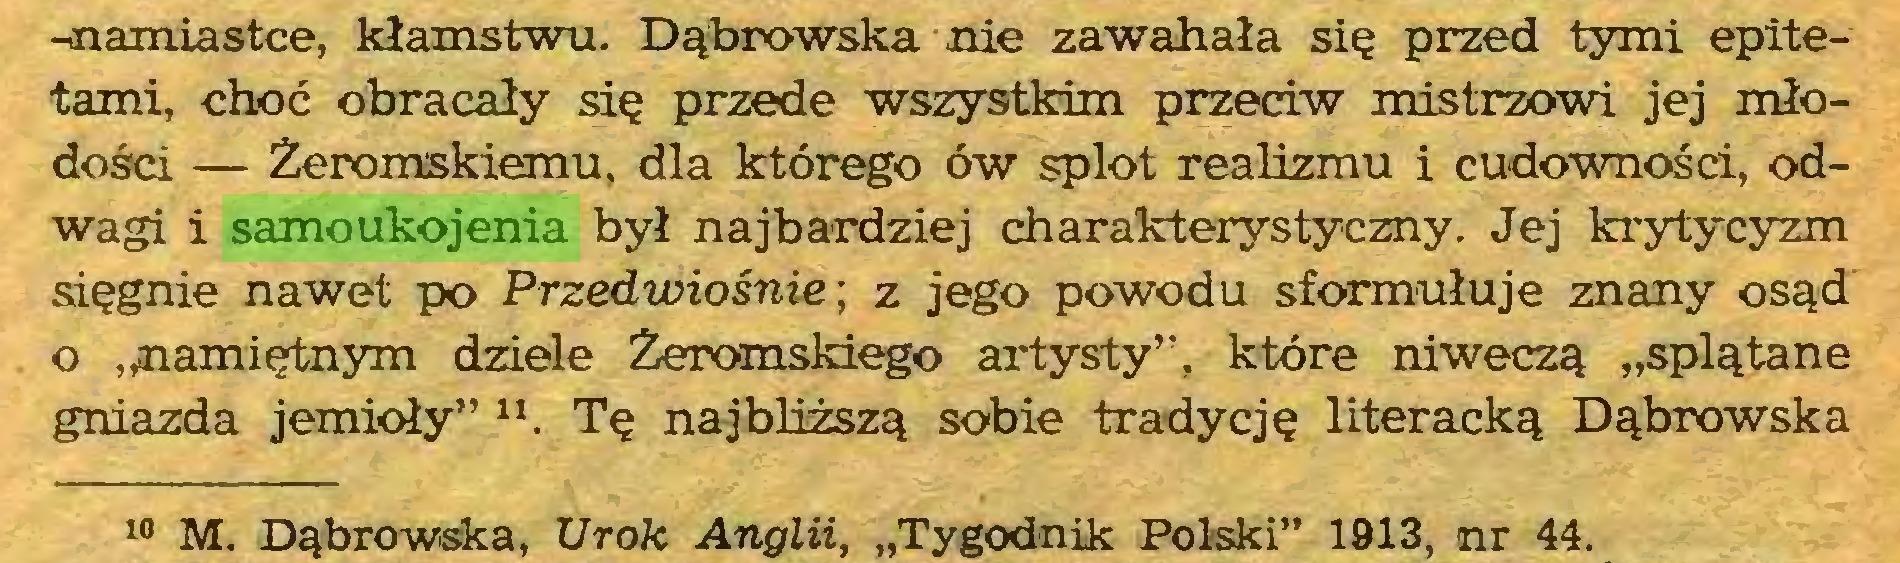 """(...) -onamiastce, kłamstwu. Dąbrowska nie zawahała się przed tymi epitetami, choć obracały się przede wszystkim przeciw mistrzowi jej młodości — Żeromskiemu, dla którego ów splot realizmu i cudowności, odwagi i samoukojenia był najbardziej charakterystyczny. Jej krytycyzm sięgnie nawet po Przedwiośnie; z jego powodu sformułuje znany osąd o """"namiętnym dziele Żeromskiego artysty"""", które niweczą """"splątane gniazda jemioły"""" 11. Tę najbliższą sobie tradycję literacką Dąbrowska 10 M. Dąbrowska, Urok Anglii, """"Tygodnik Polski"""" 1913, nr 44..."""